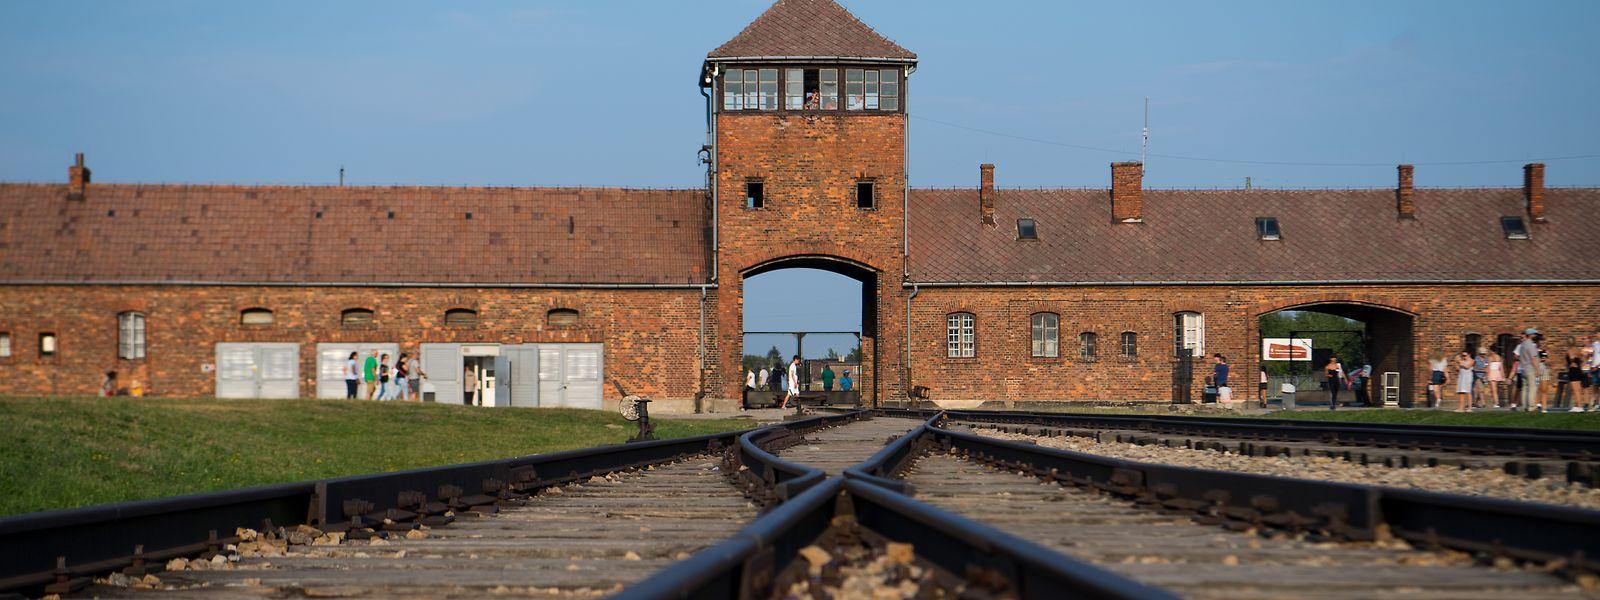 Die Bahngleise vor dem historischen Tor der Gedenkstätte Auschwitz gelten als bildstarkes Symbol für den Holocaust.